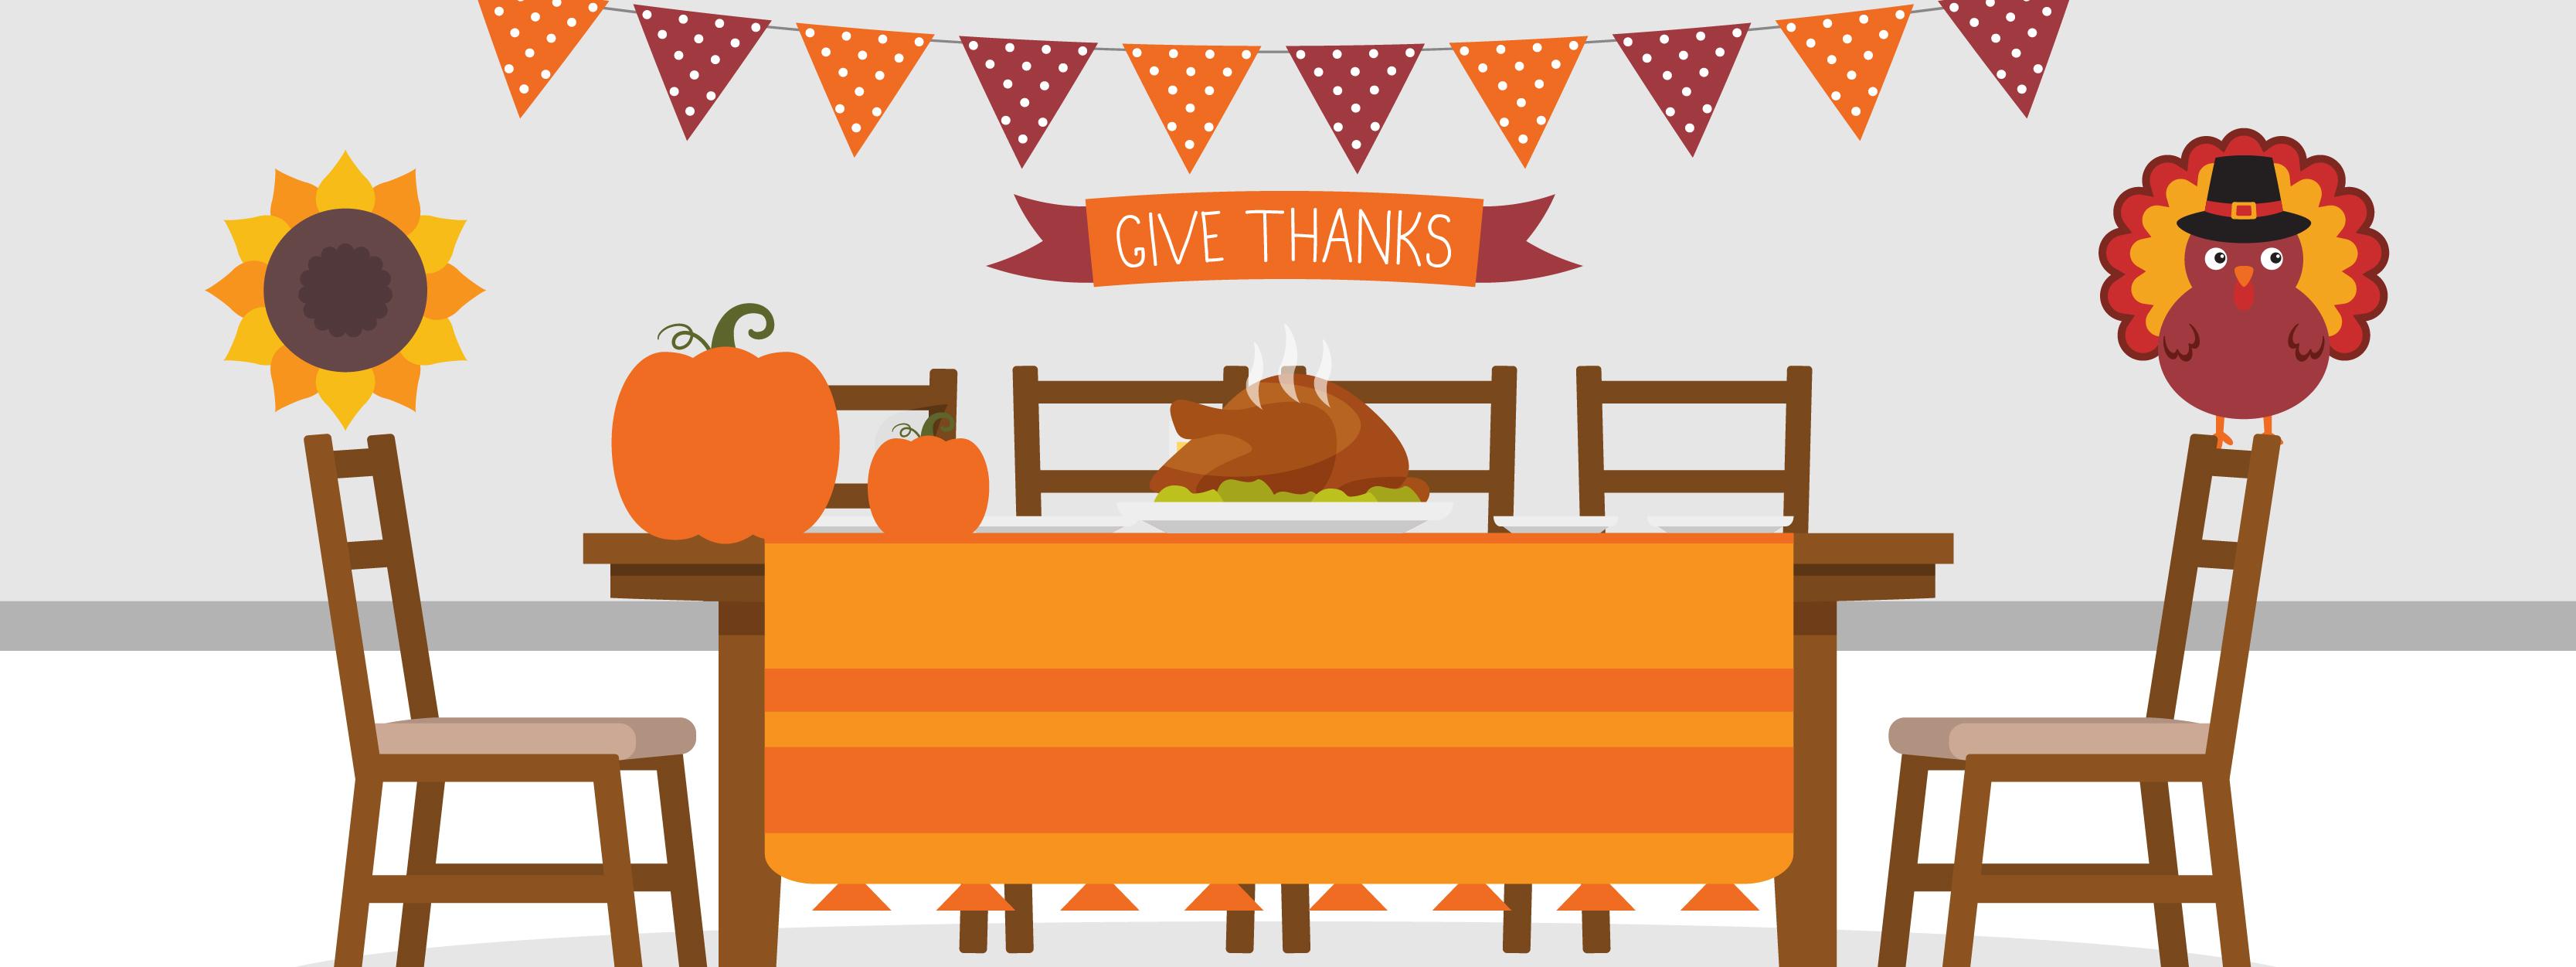 dîner de thanksgiving sur un décor économique